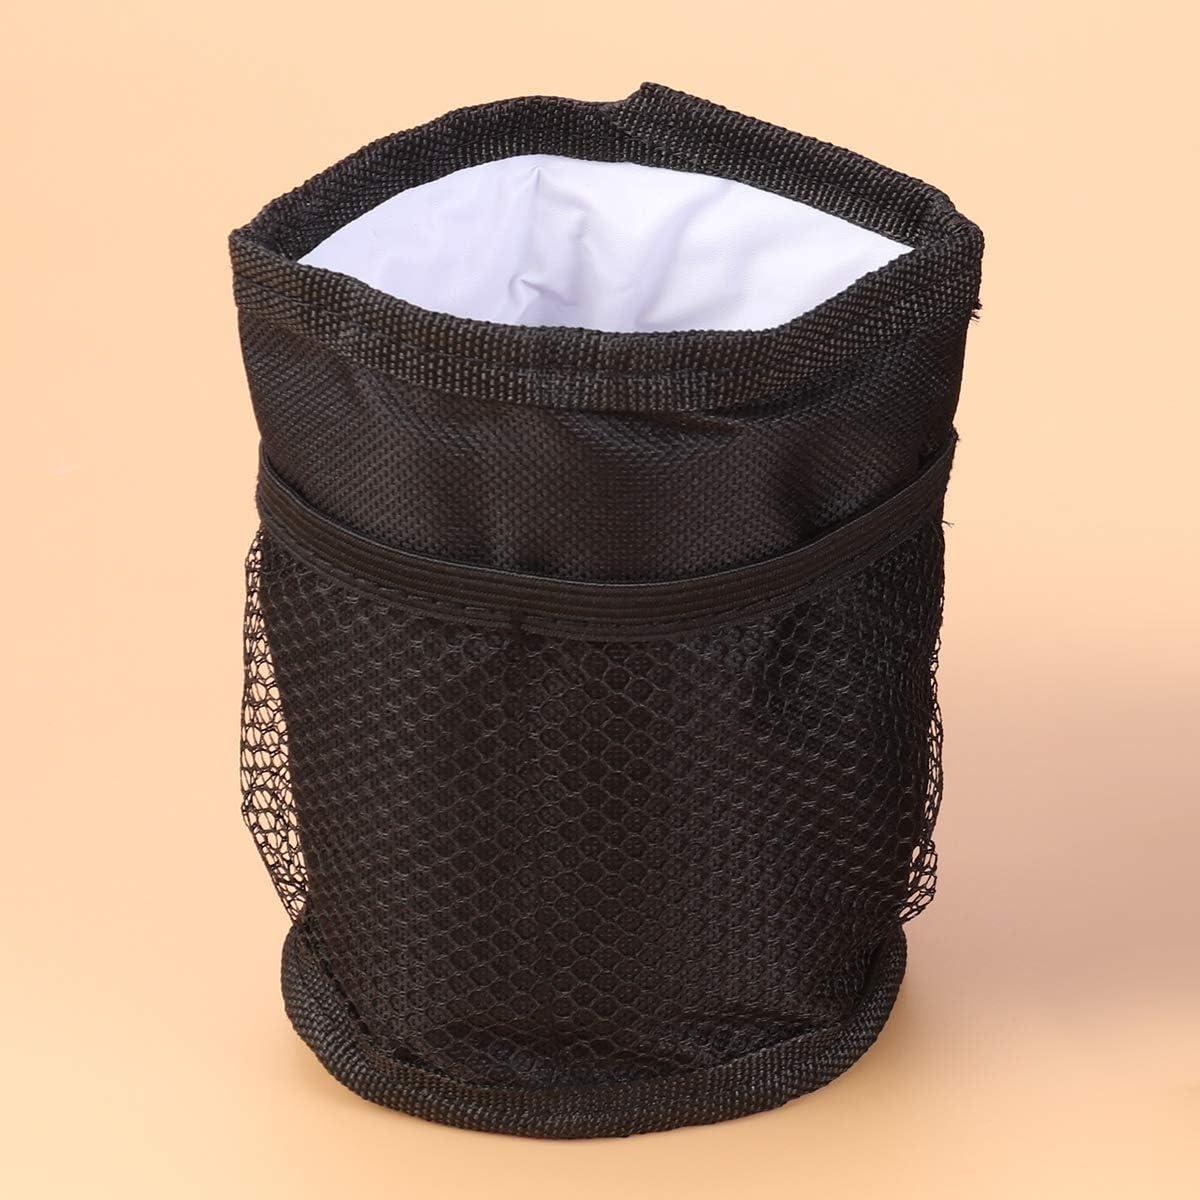 Schwarz LIOOBO Getr/änkehalter wasserdichte Seite H/ängen Becher Tasche W/ärmeerhaltung Tasse Rack f/ür Fahrrad Kinderwagen 2 St/ück